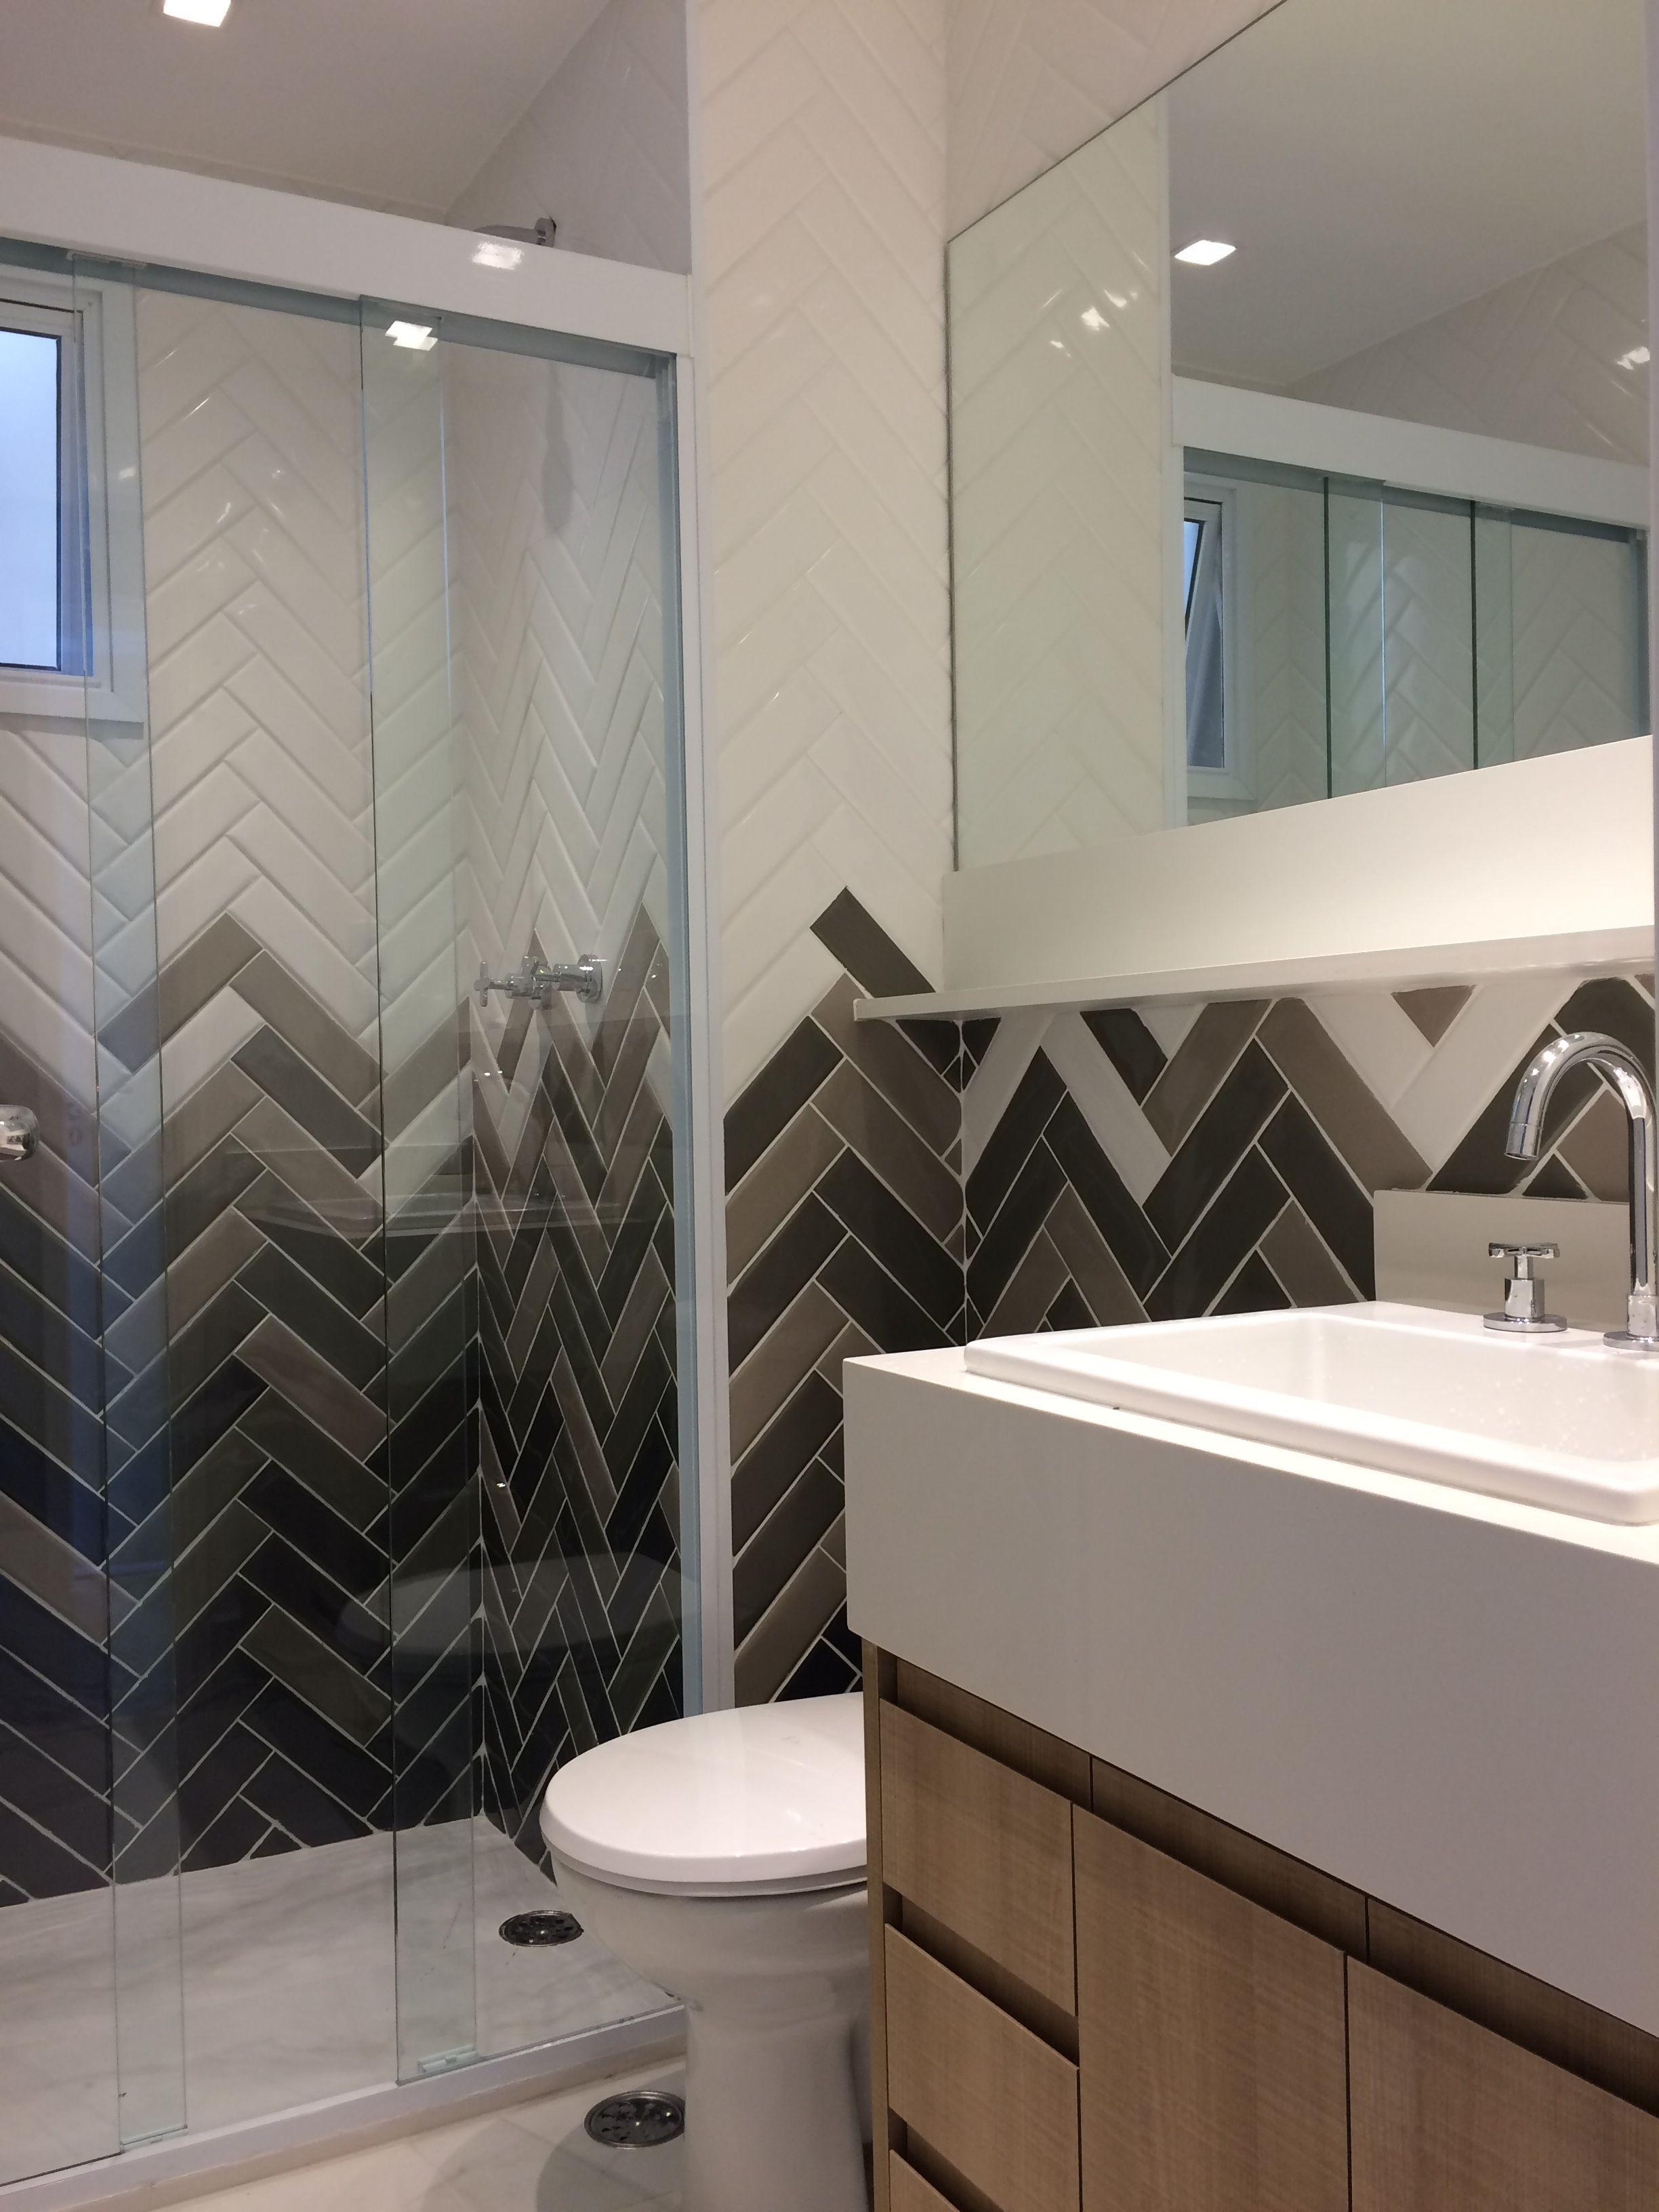 Banheiro Apto Saude Revestimento Liverpool Portobello Projeto E Execucao Compondo Arquitetura Casa Ou Apartamento Banheiro Arquitetura